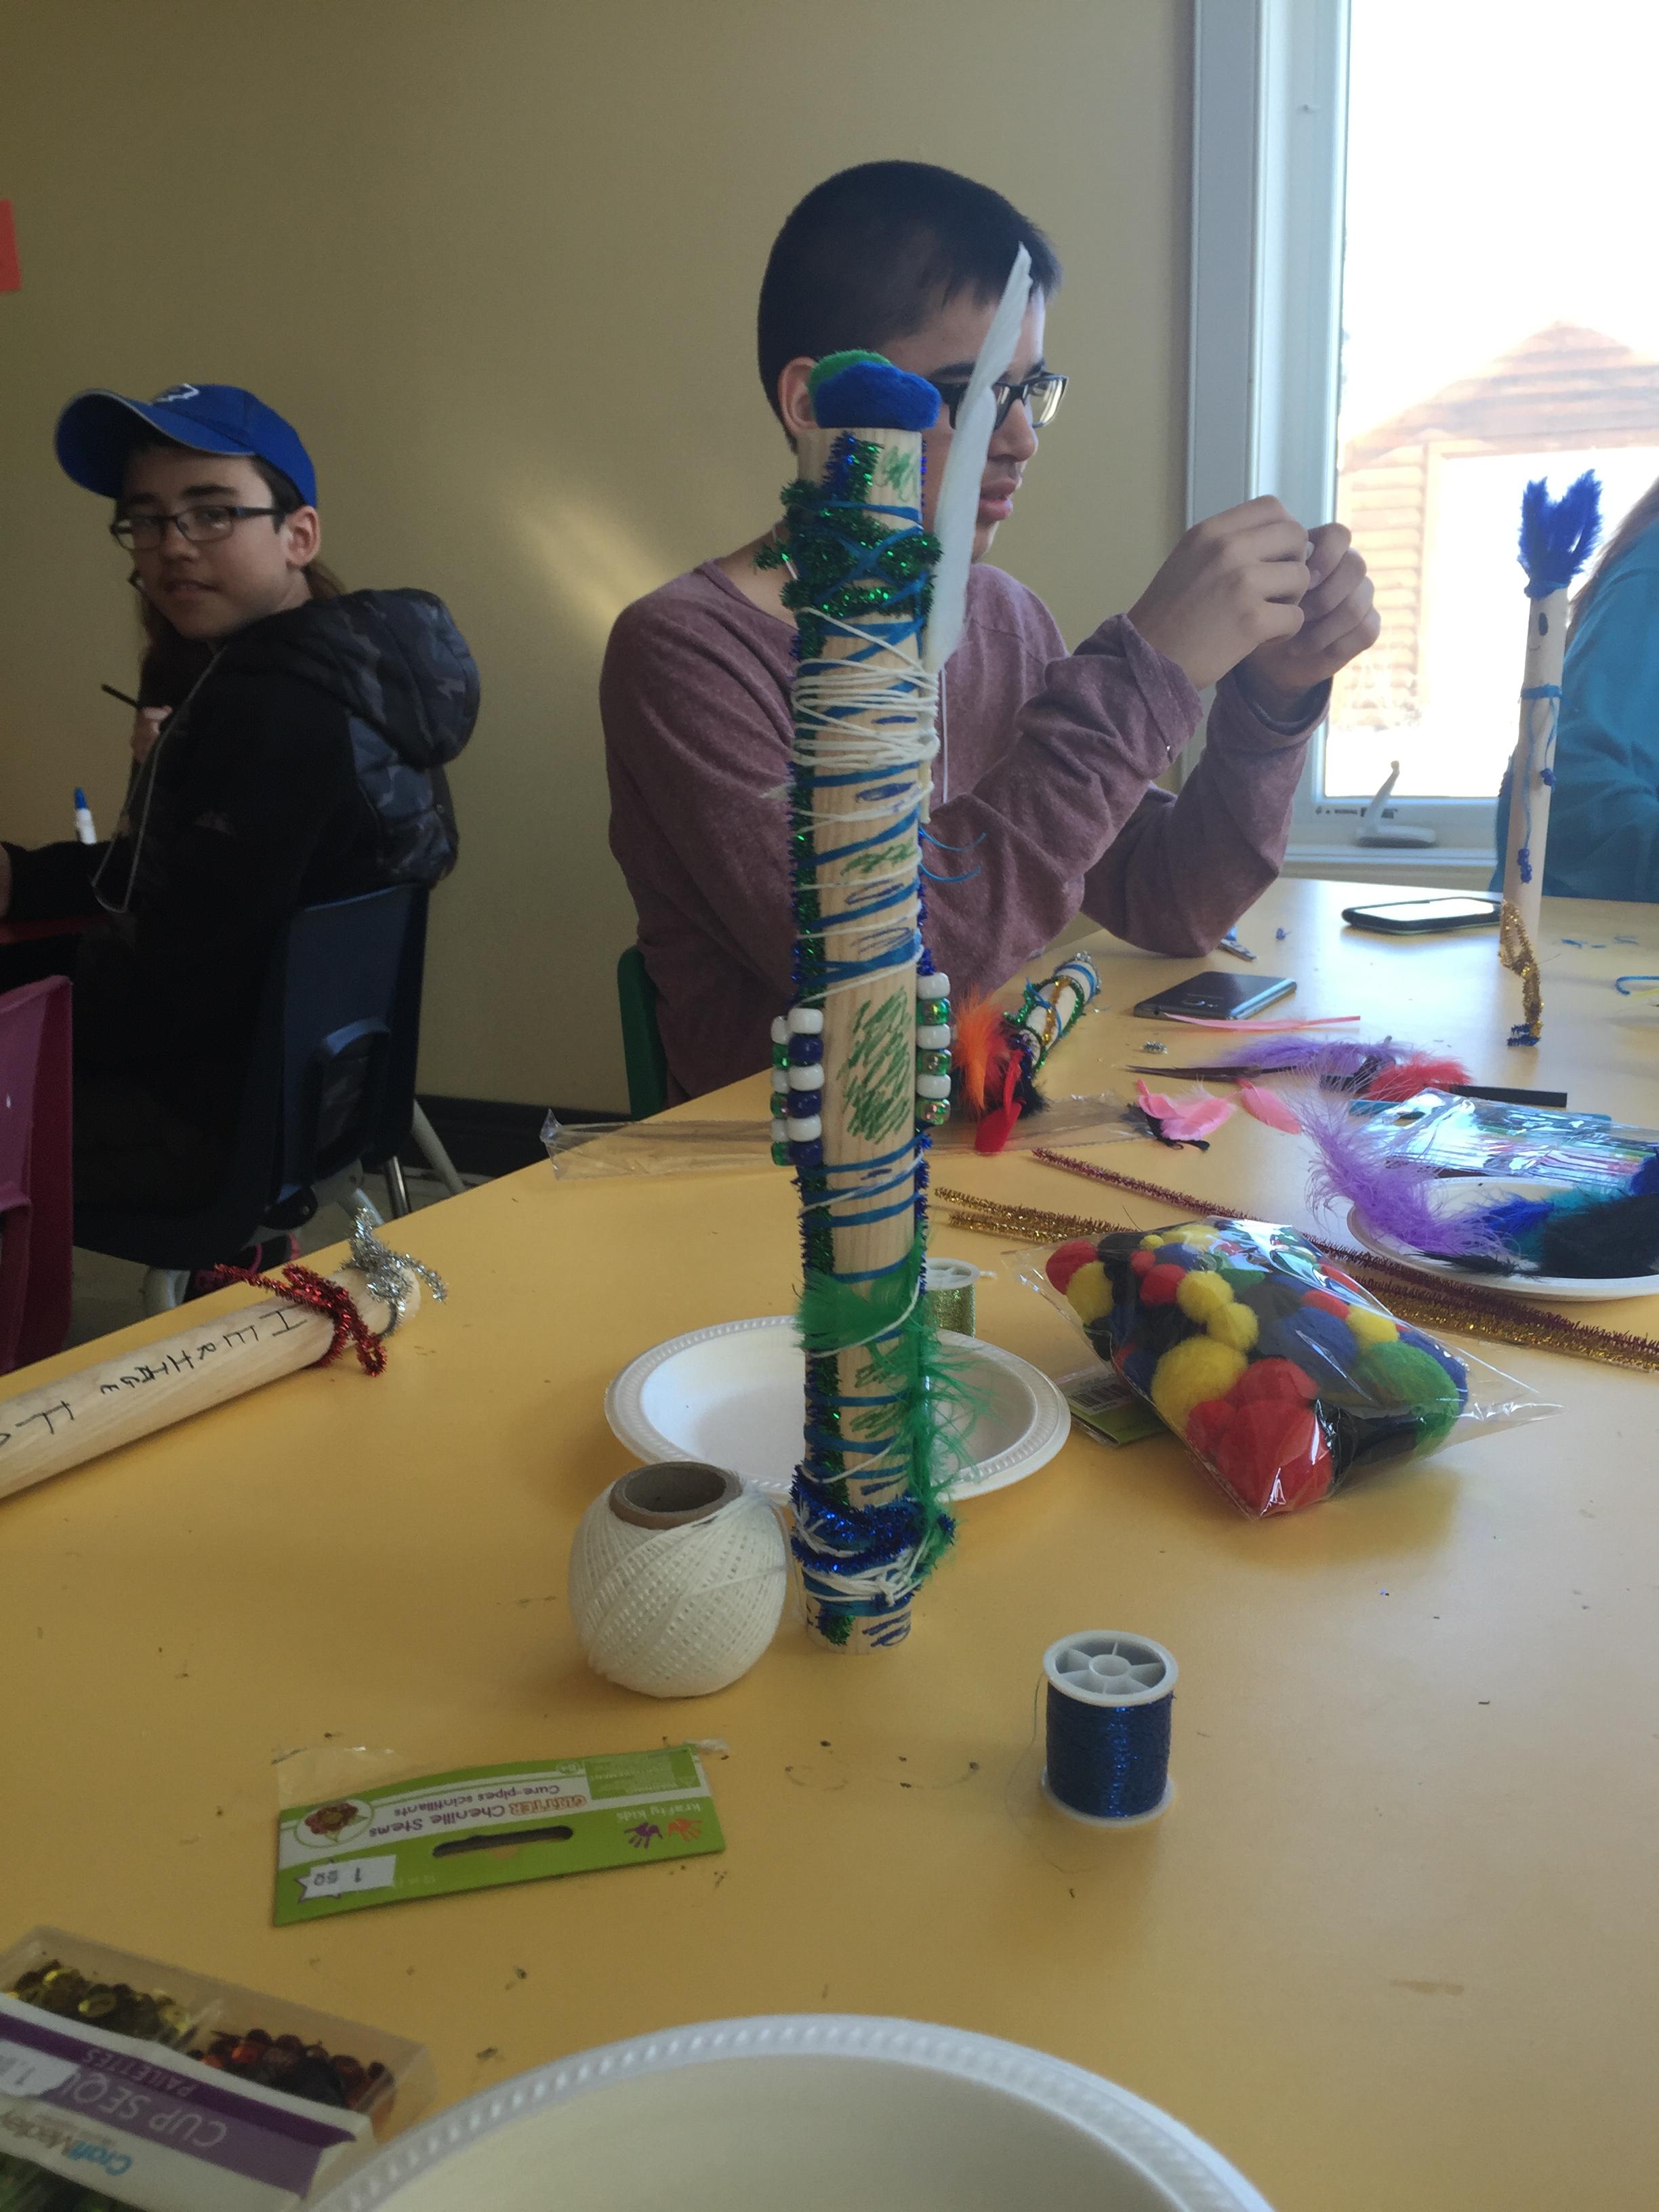 Making talking sticks